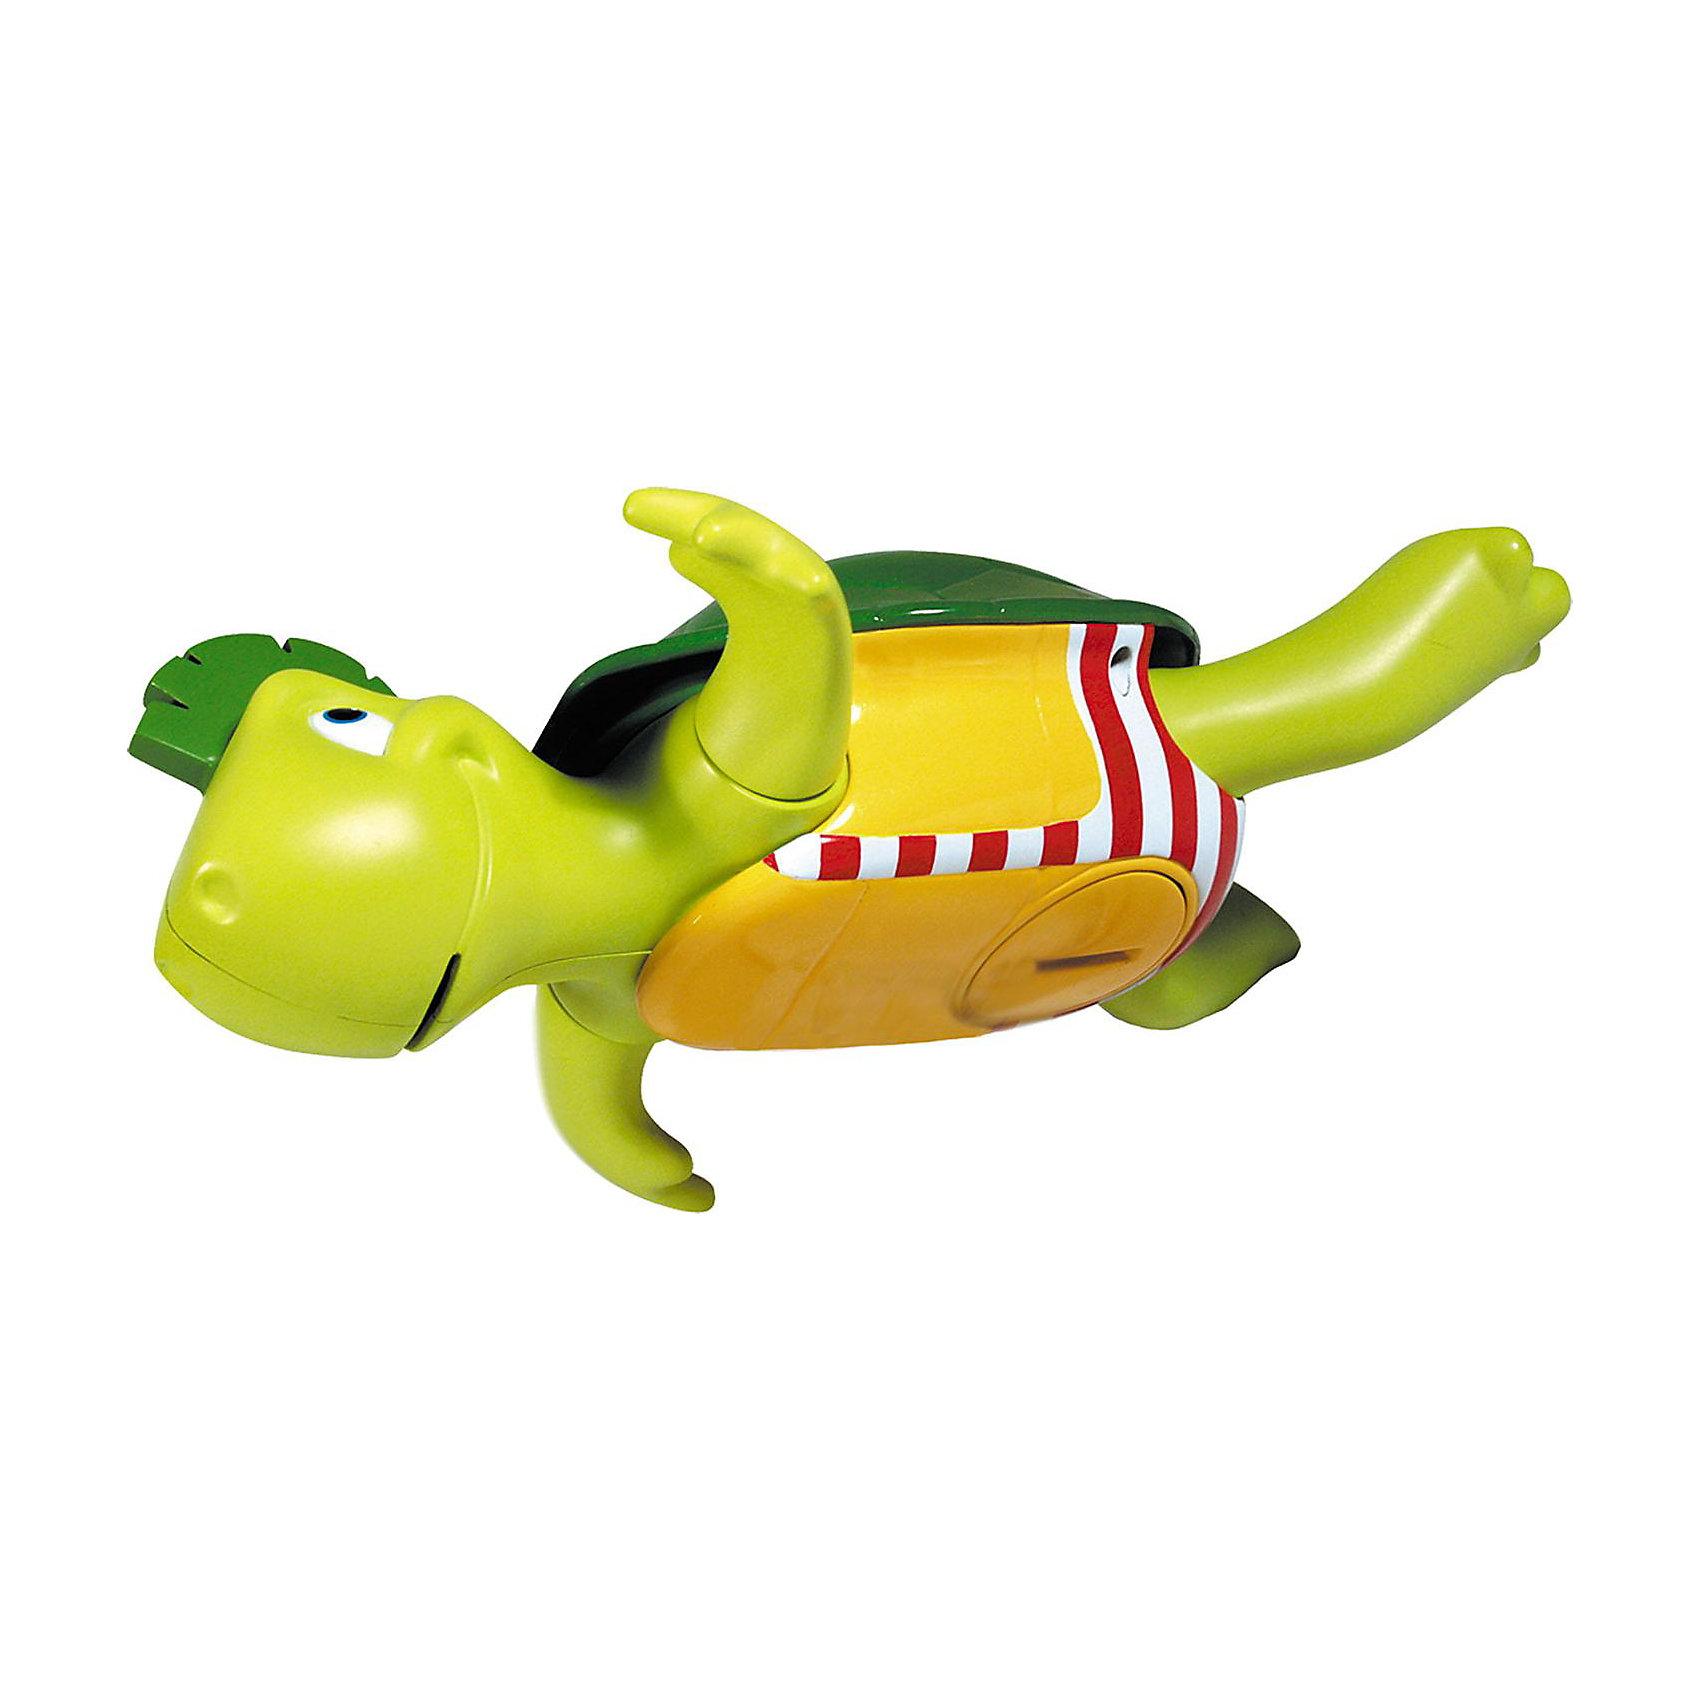 Игрушка для ванной Поющая черепашка, TOMYИгровые наборы<br>Пластмассовая игрушка для ванной «Поющая Черепашка» серии AQUA FUN от известного бренда TOMY (Томи) привлекательной формы и окраски не только плавает - при этом она ещё и поёт!<br><br>Черепашка лежит на спине, гребёт лапками и напевает весёлый Дунайский вальс. <br><br>Малыш переворачивает черепашку на живот - и она без устали плывет дальше. <br><br>Как и все настоящие черепахи, Поющая Черепашка чувствует себя как дома и в воде, и на суше, так что малыш сможет играть с ней не только во время купания.<br><br>Дополнительная информация:<br>- Игрушка работает на трёх батарейках типа LR44 (входят в комплект)-<br>- Размер упаковки (д/ш/в): 12 х 24,5 х 18 см<br><br>Весёлая черепашка с радостью будет развлекать Вашего малыша во время купания!<br><br>Ширина мм: 216<br>Глубина мм: 187<br>Высота мм: 182<br>Вес г: 373<br>Возраст от месяцев: 12<br>Возраст до месяцев: 48<br>Пол: Унисекс<br>Возраст: Детский<br>SKU: 1698383